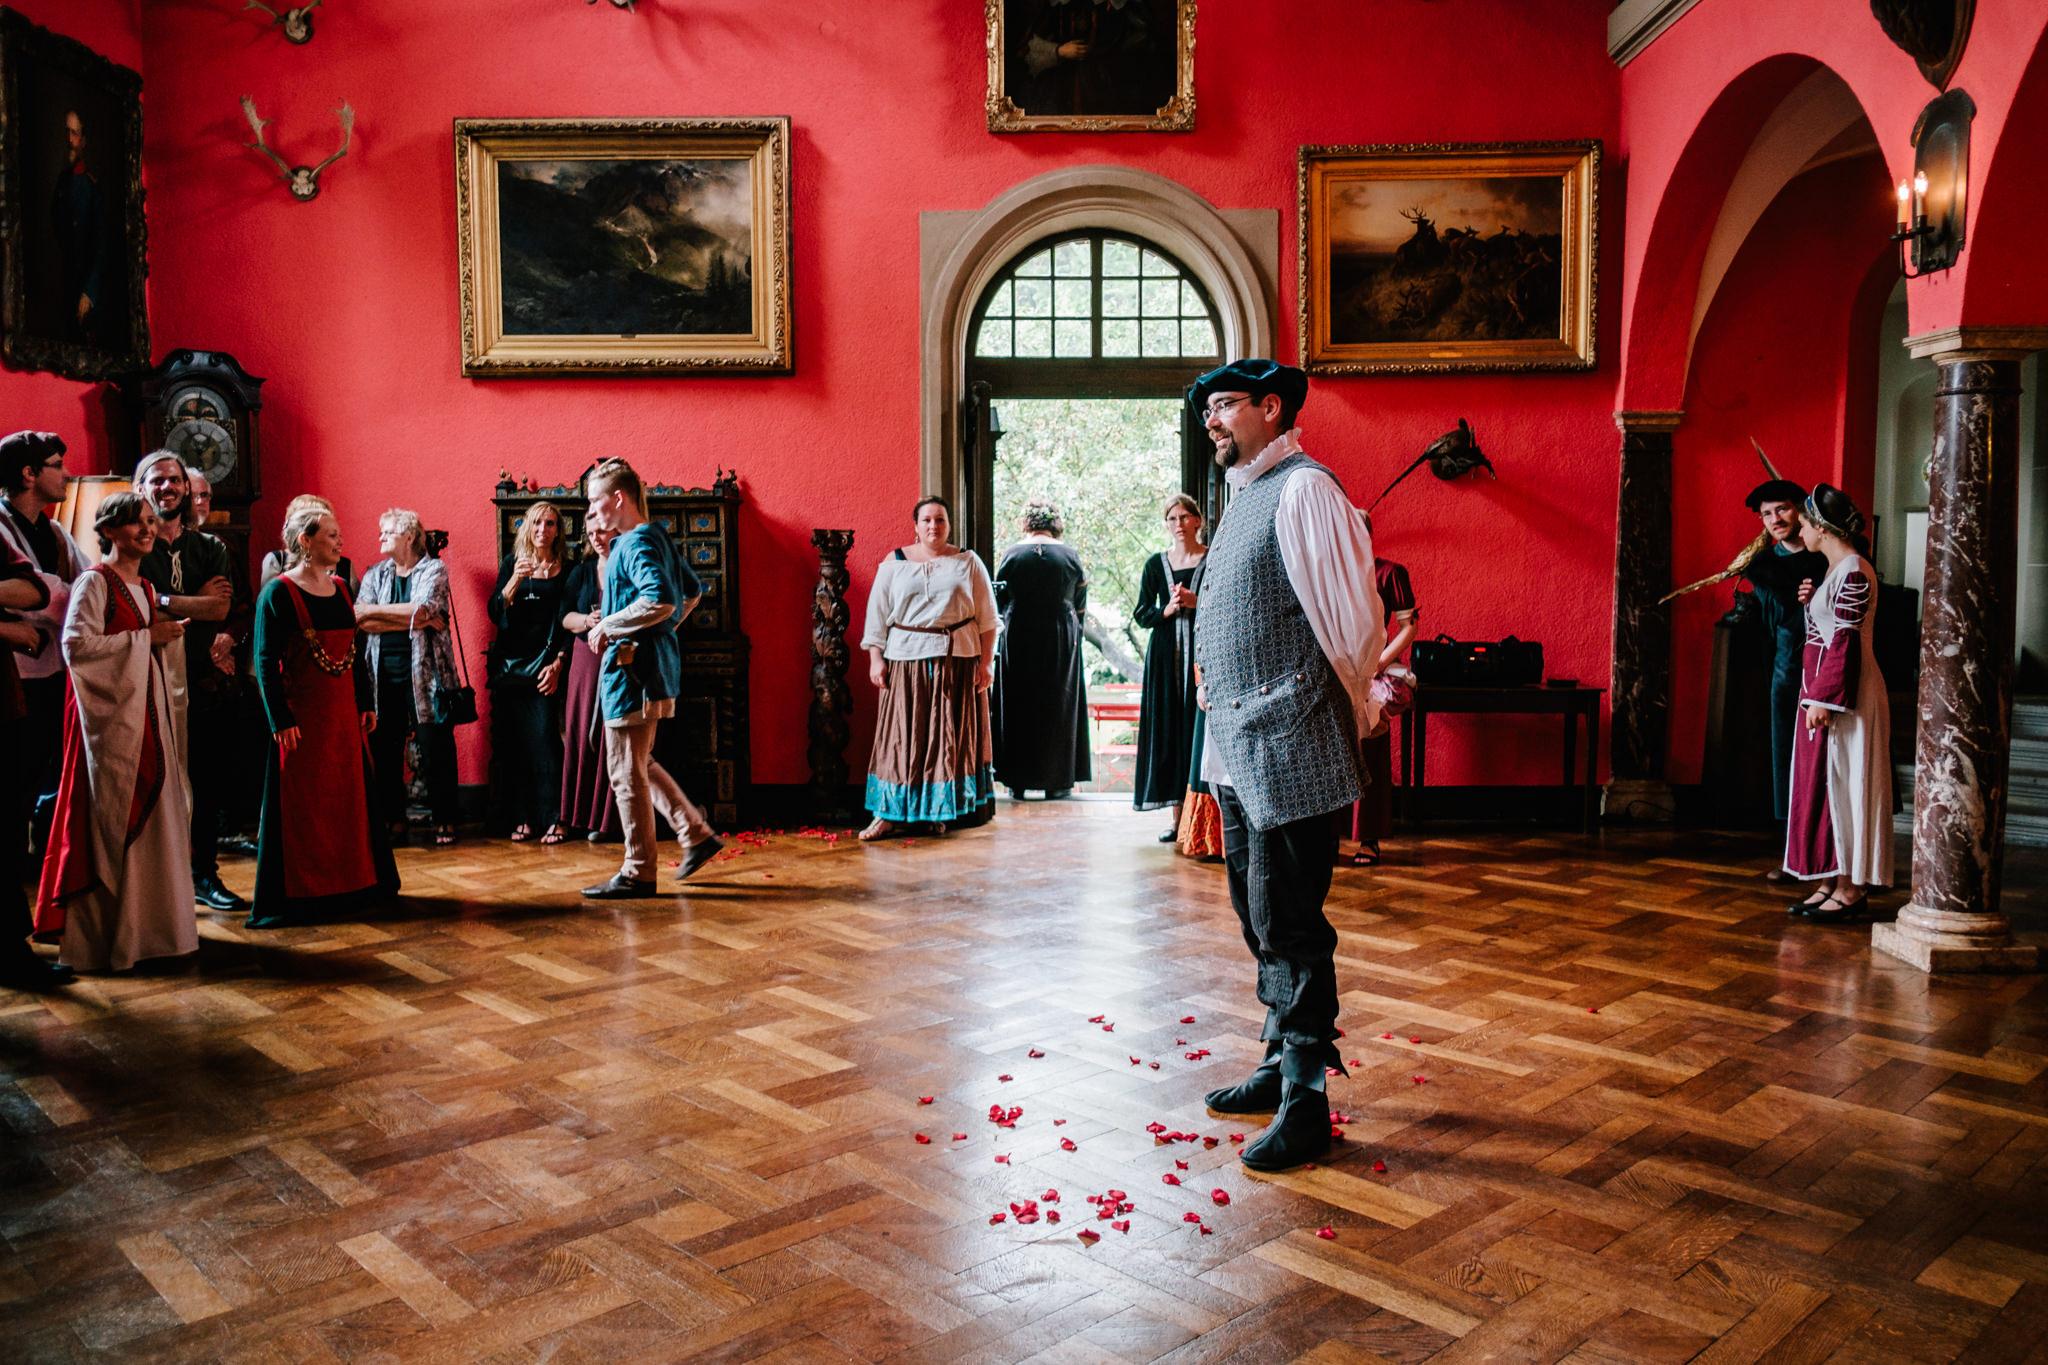 Hochzeit Burg Namedy Andernach 62 Authentic Stories